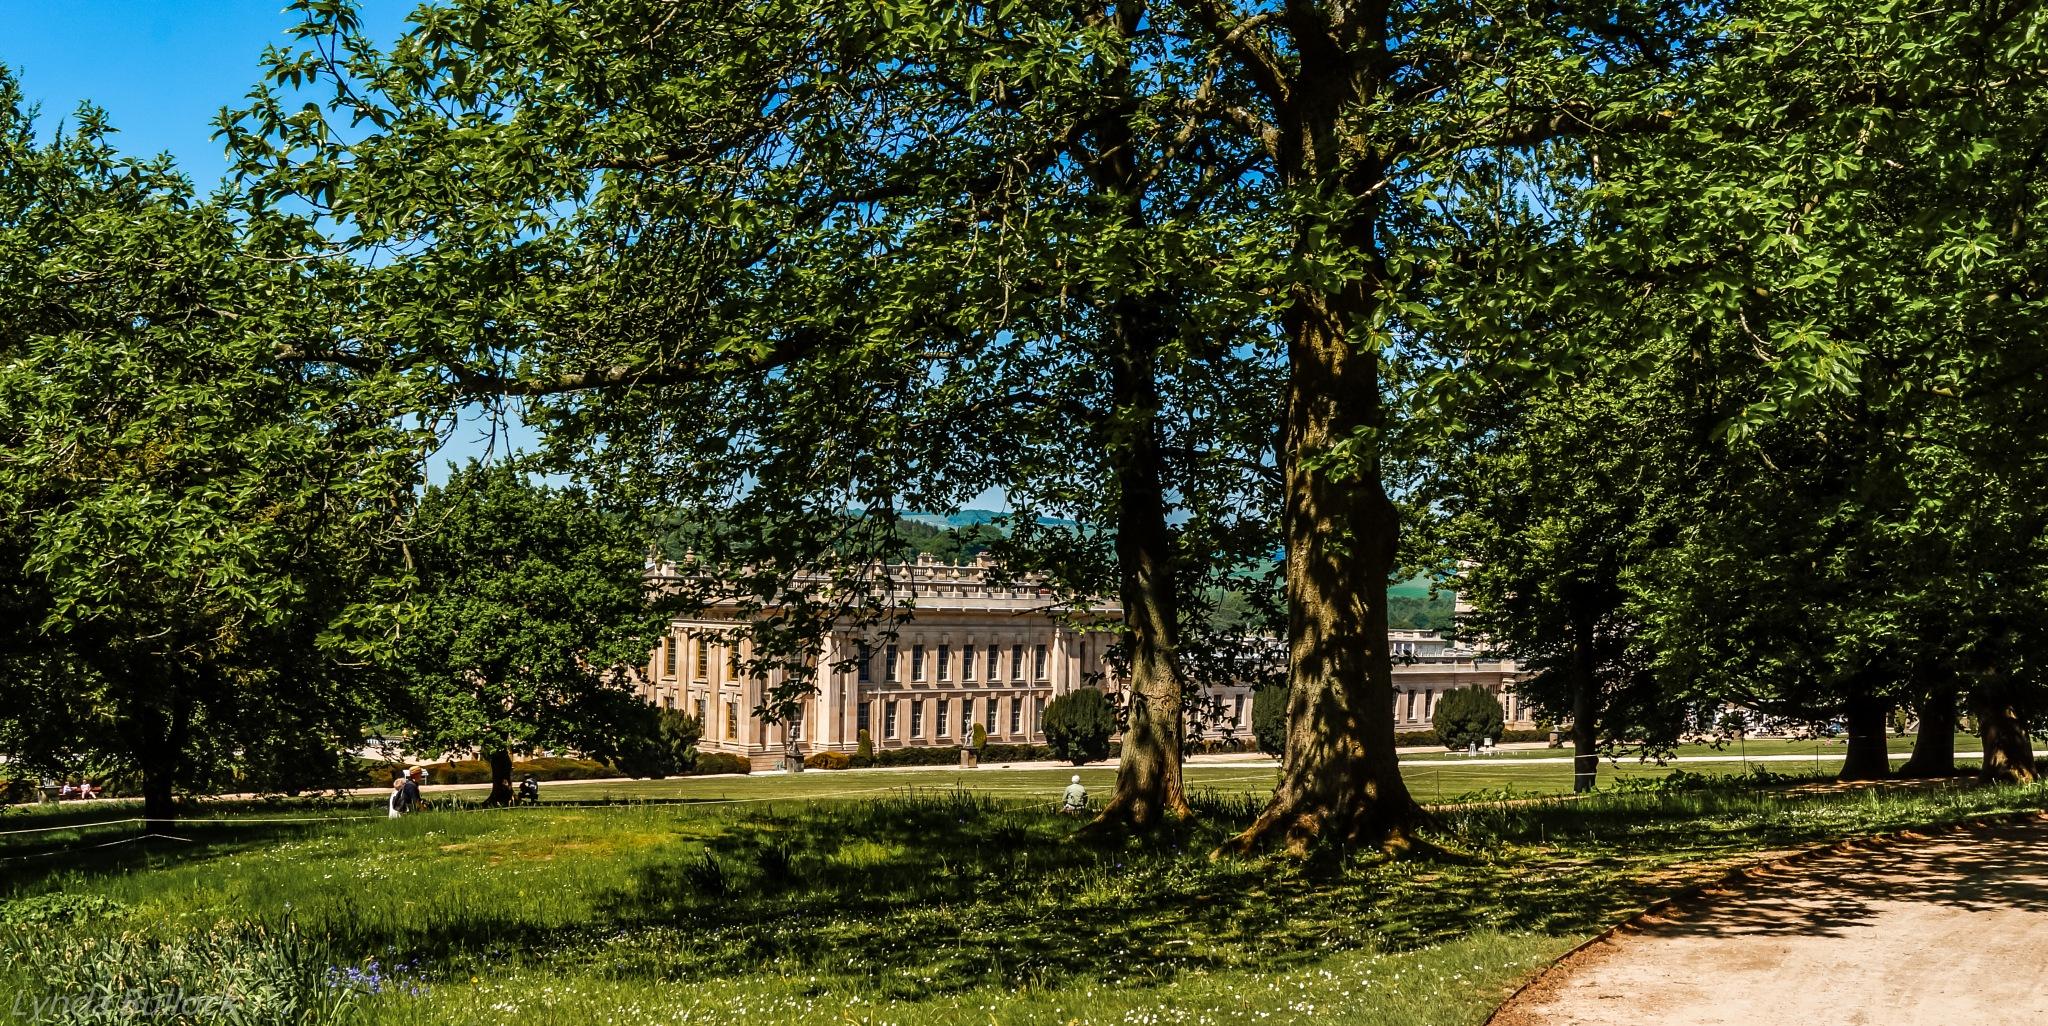 Chatsworth House Derbyshire by Lynda Bullock